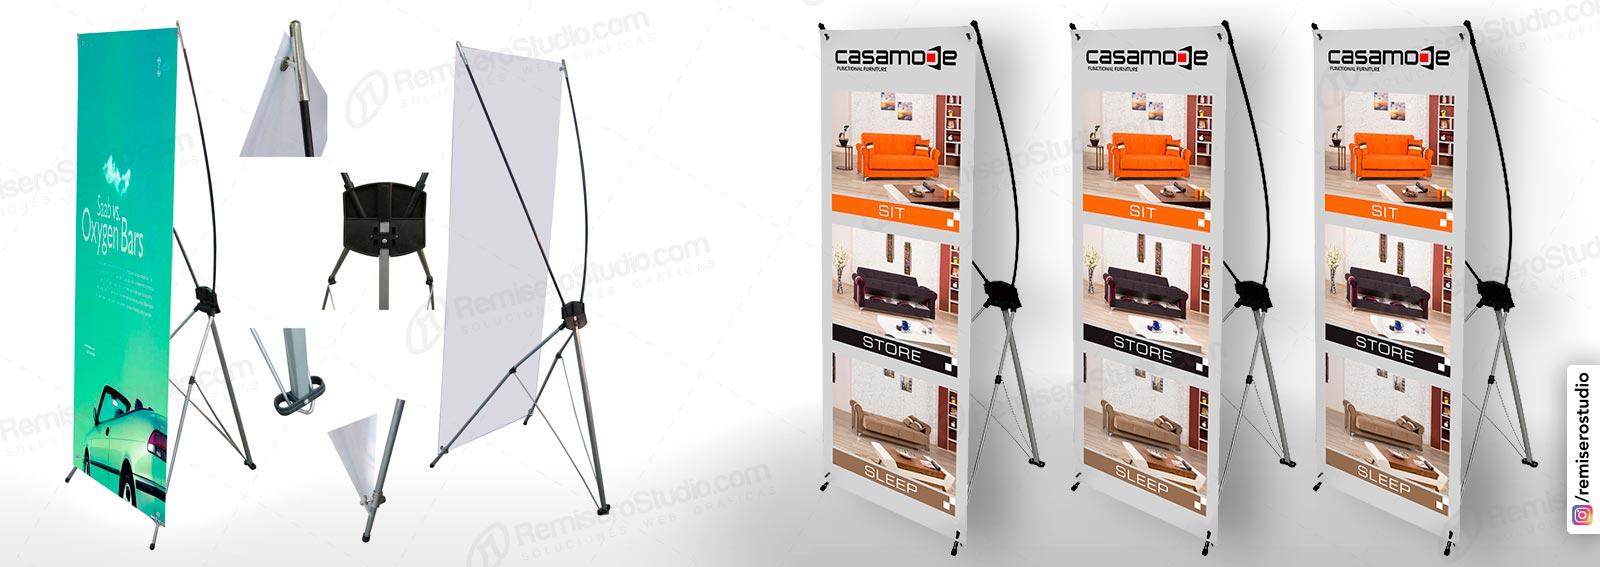 Banner impreso con Parante Araña X-Banner PVC Aluminio 1.20 x 2.00: Parante publicitario de aluminio impreso en banner a full color en alta resolución: 1440 dpi, incluye maletín.